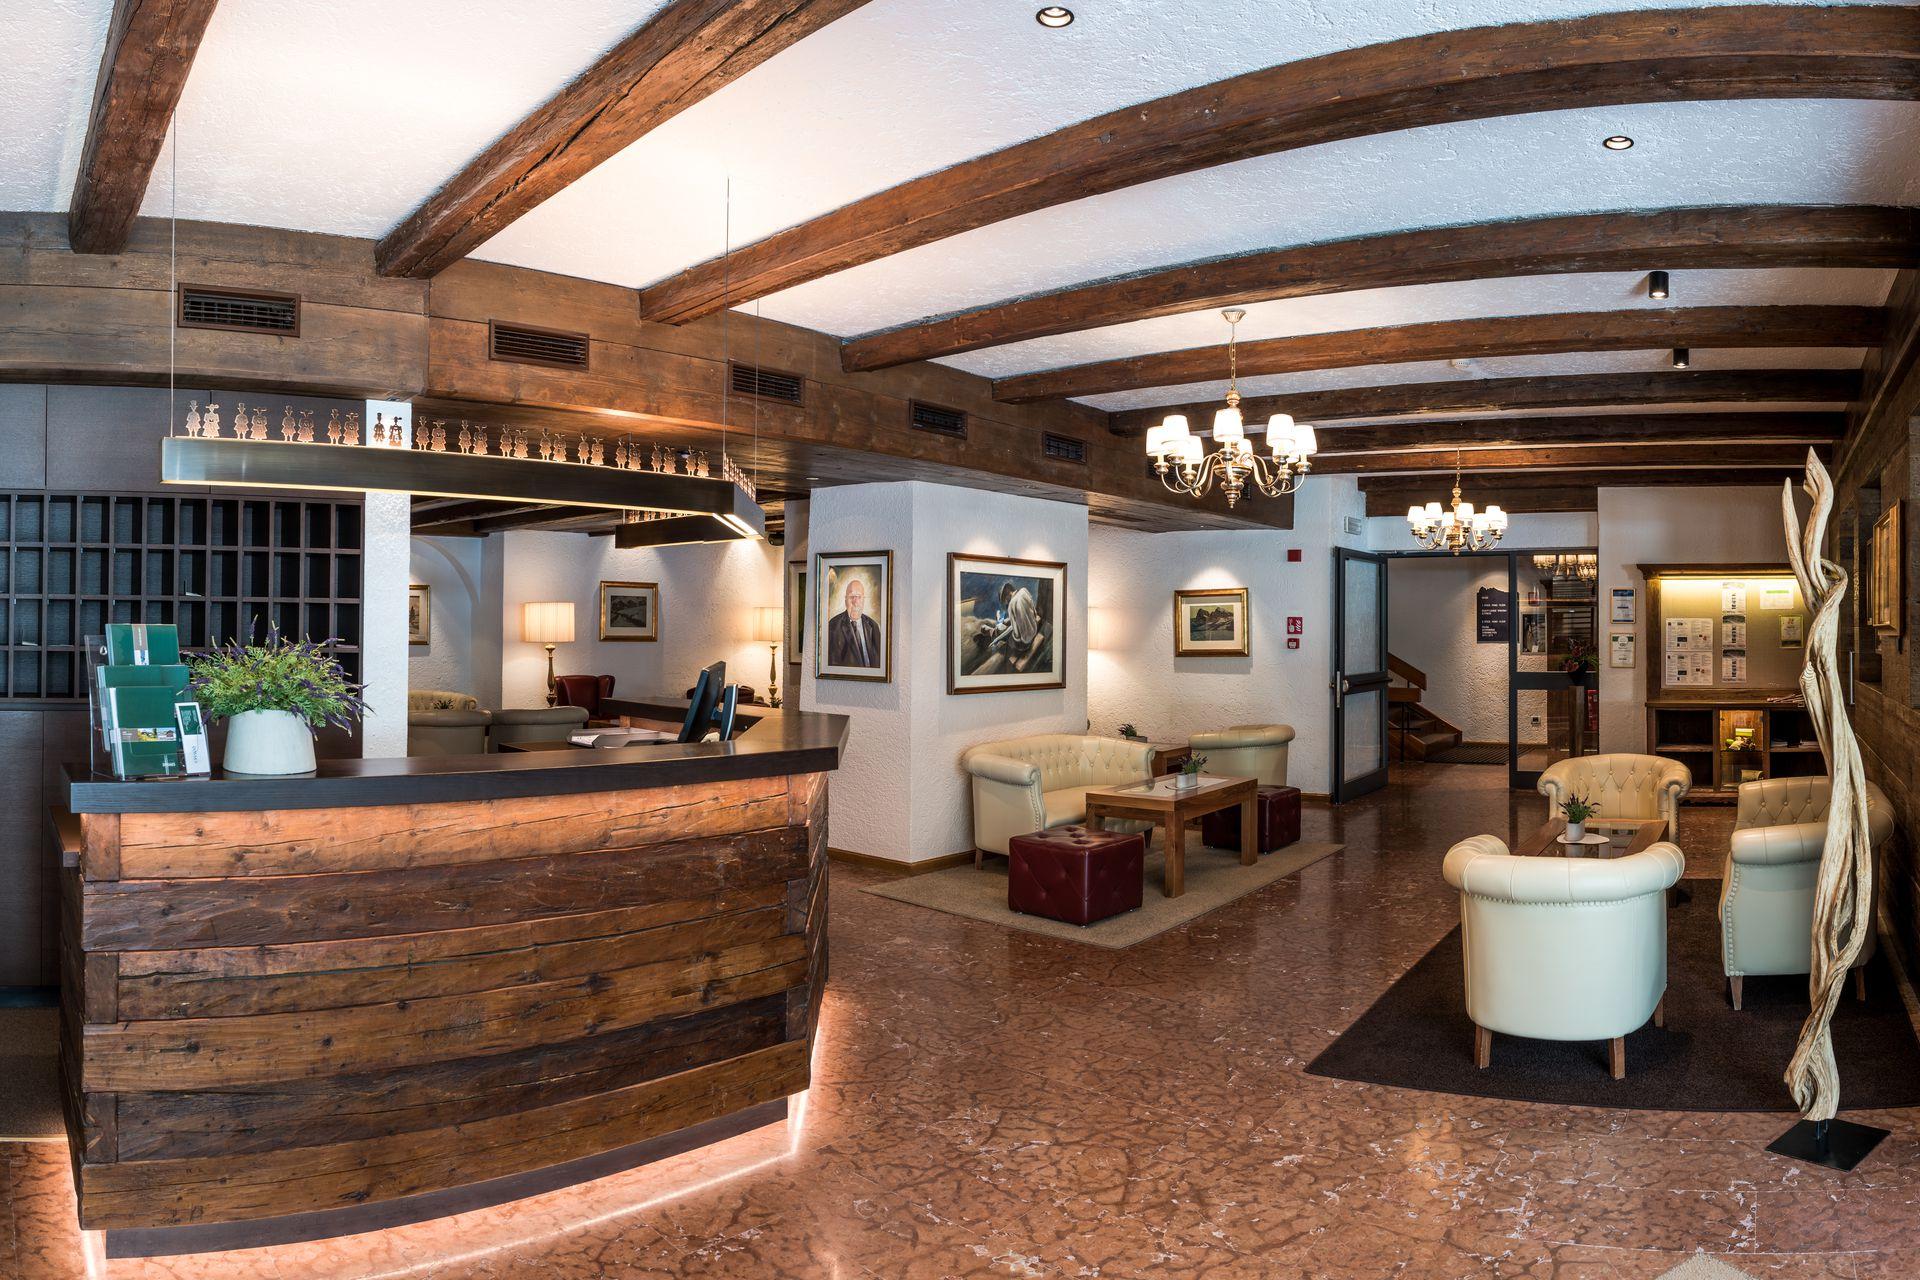 Prenotate la vostra vacanza in Val Gardena!